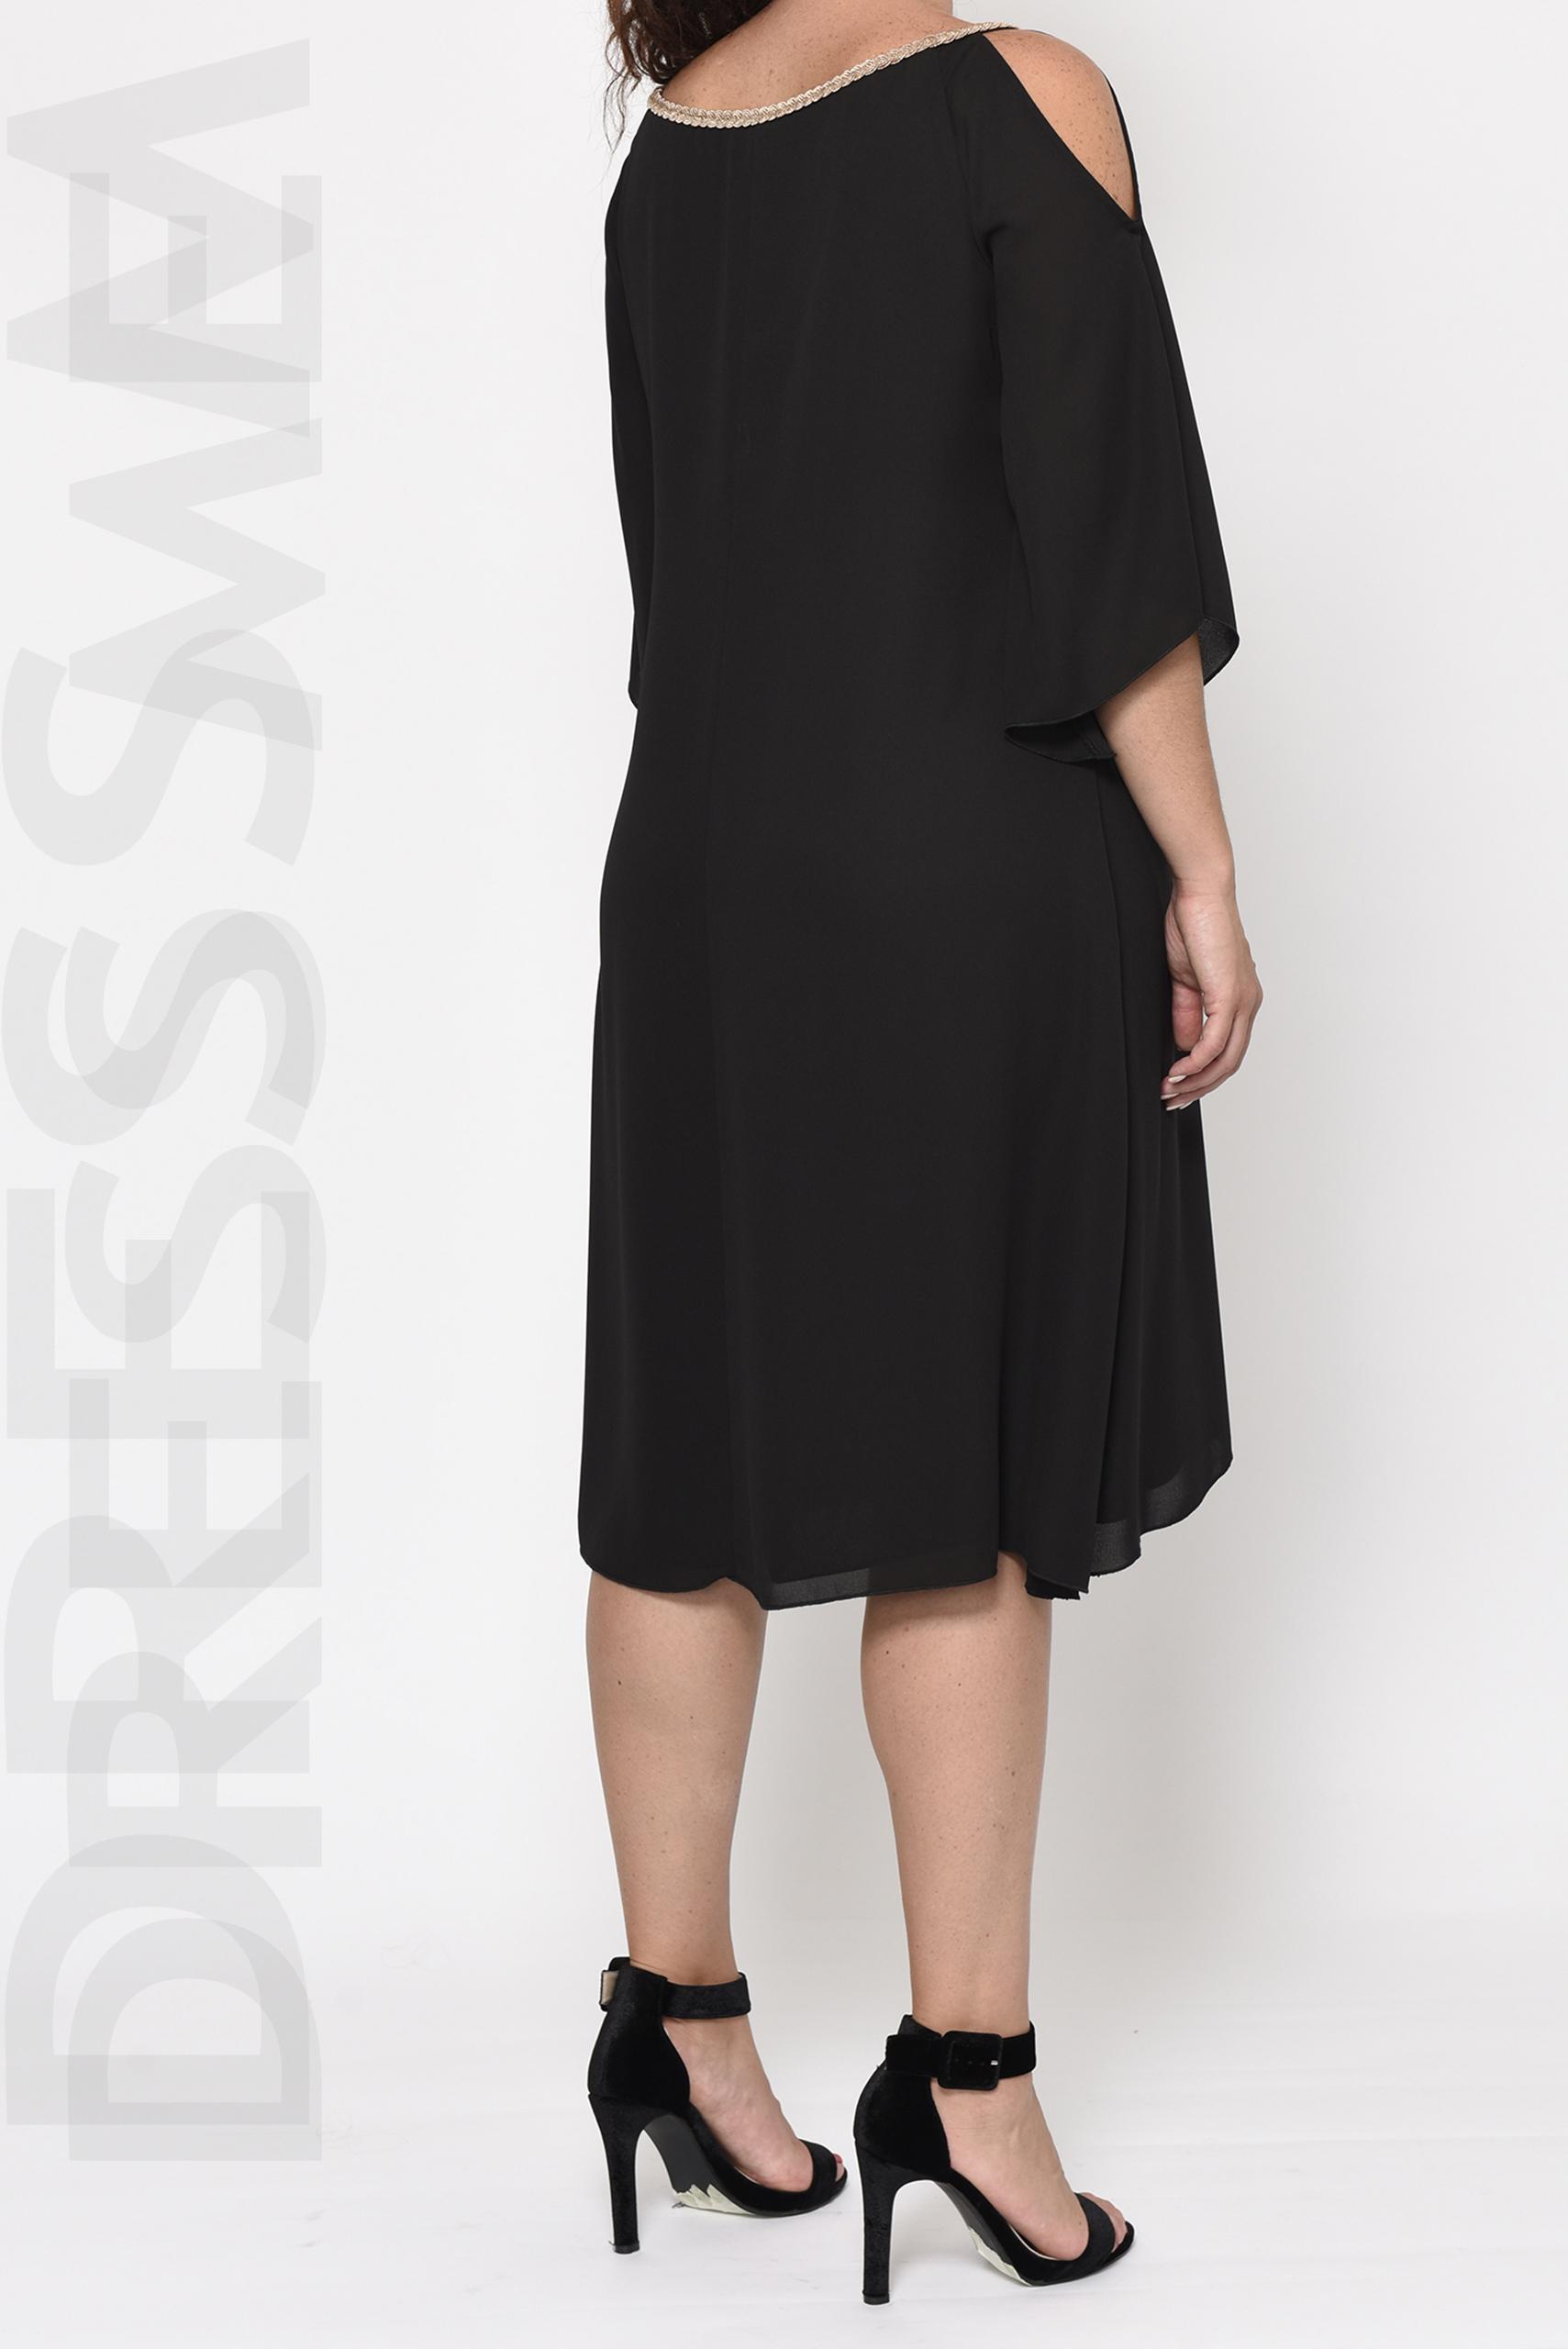 Φόρεμα μαύρο μακρύ κρουαζέ μεγάλα μεγέθη_16